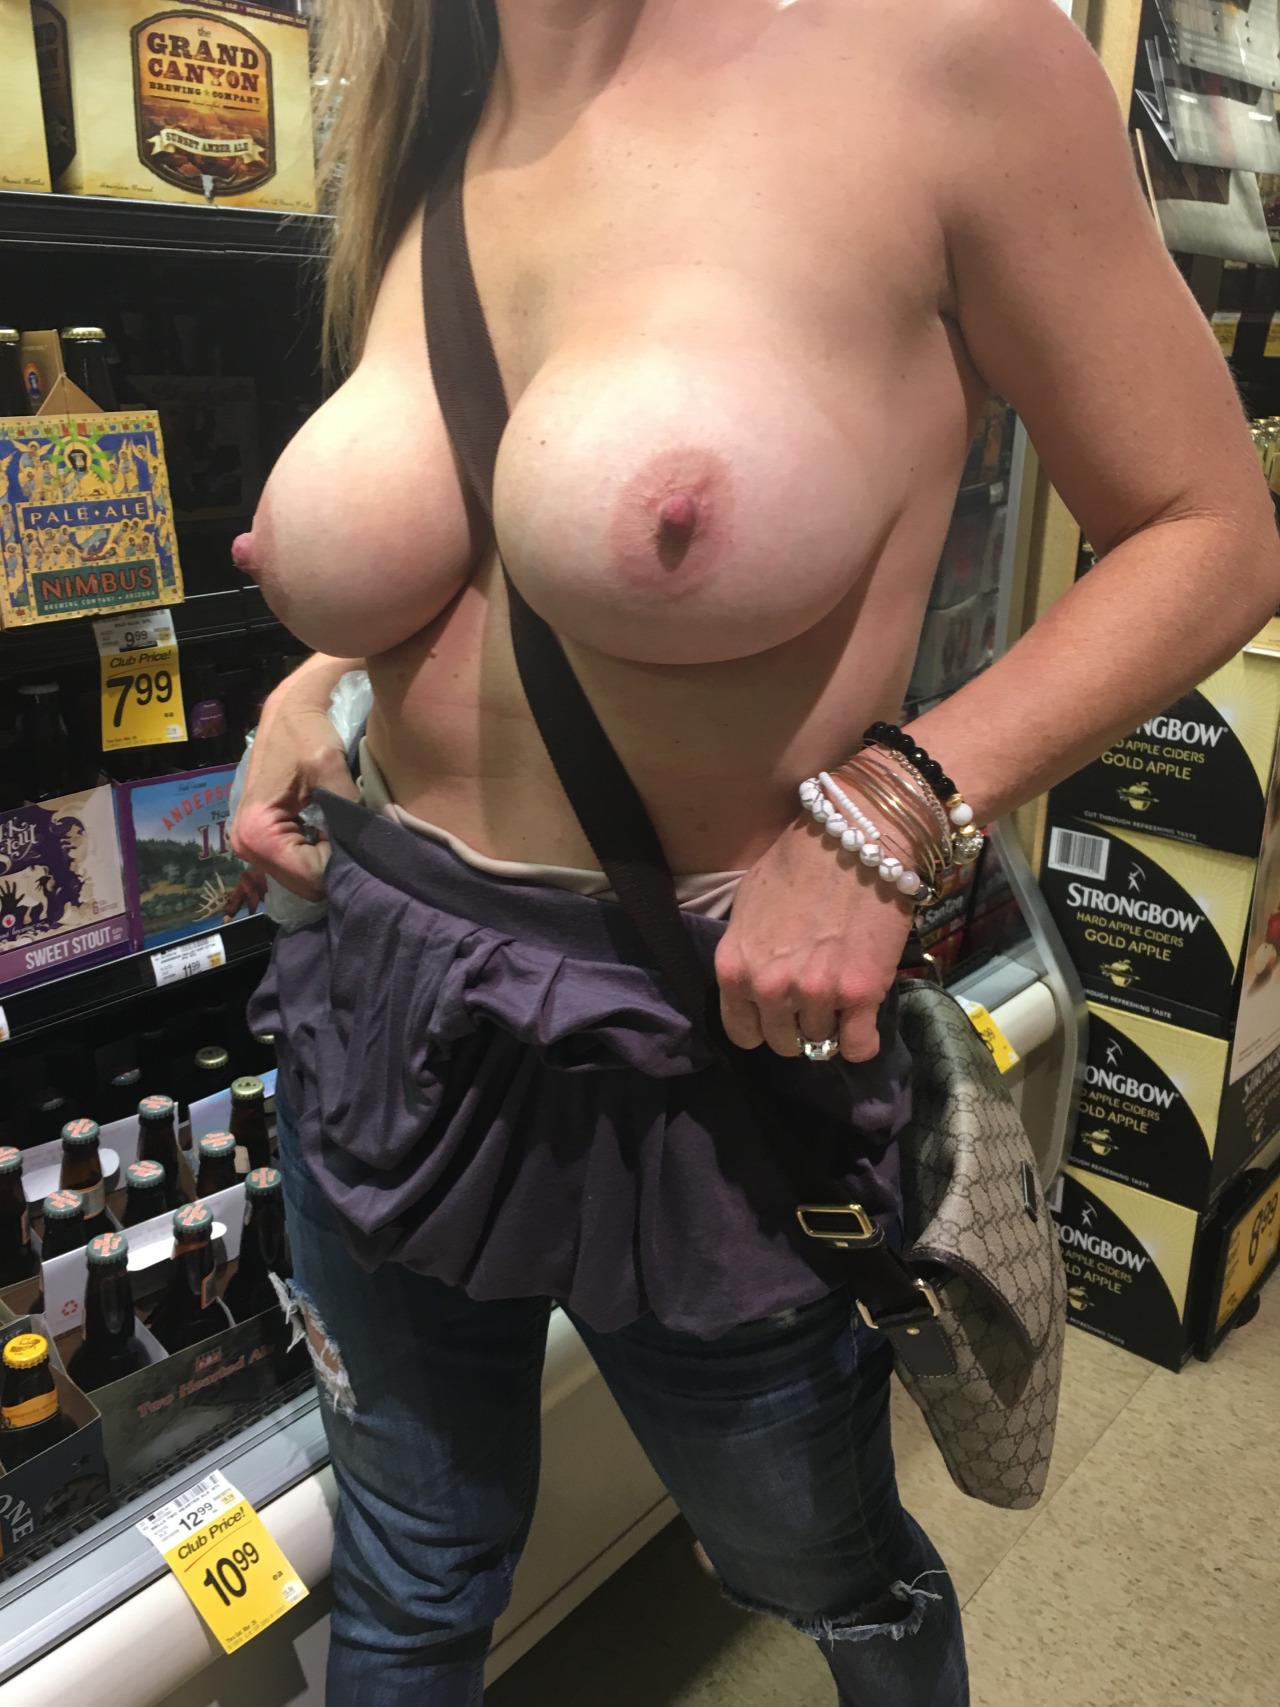 【露出エロ画像】見つかれば出禁は避けられないのに挑む店内の露出マニア達!